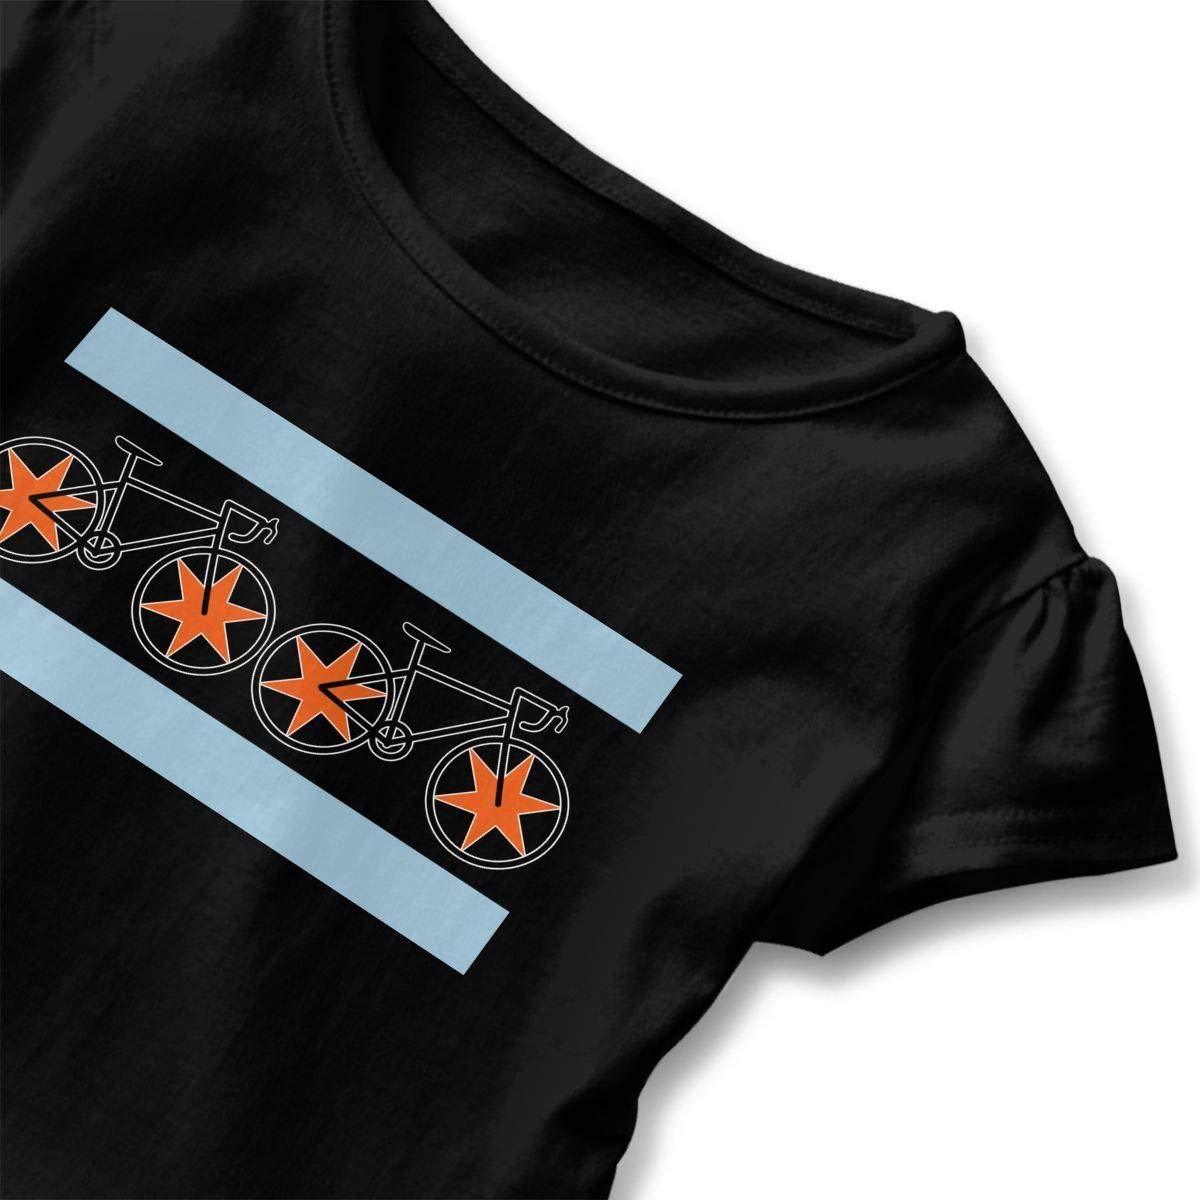 SHIRT1-KIDS Chicago Flag Bikes Toddler//Infant Girls Short Sleeve Ruffles Shirt T-Shirt for 2-6T